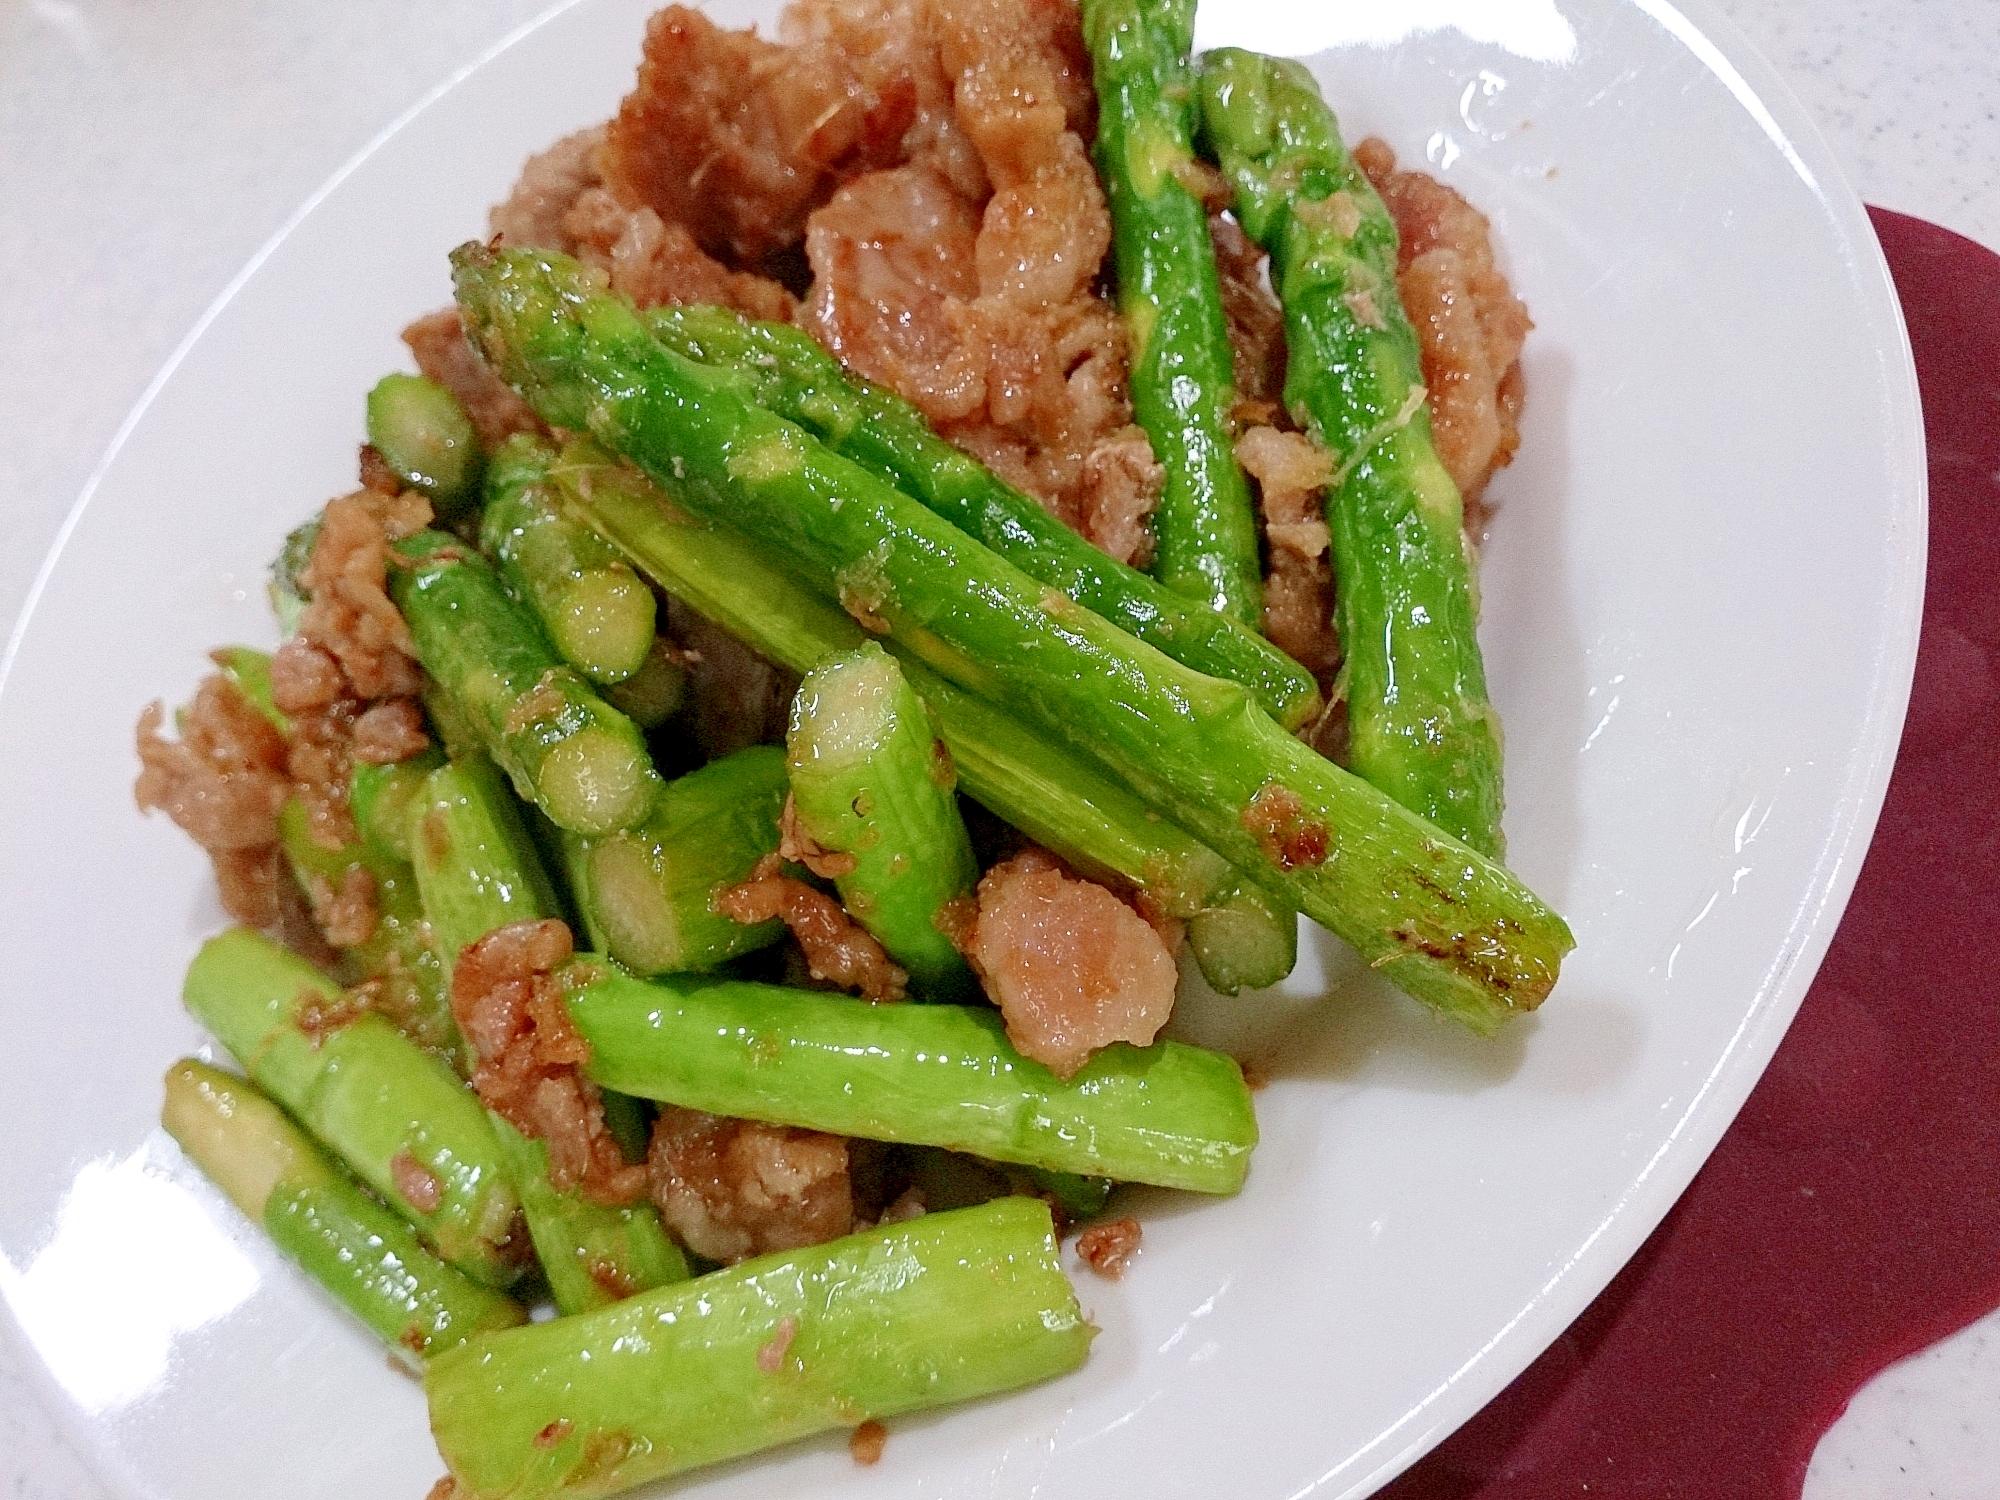 美味しい北海道アスパラガスと豚肉のしょうが焼き